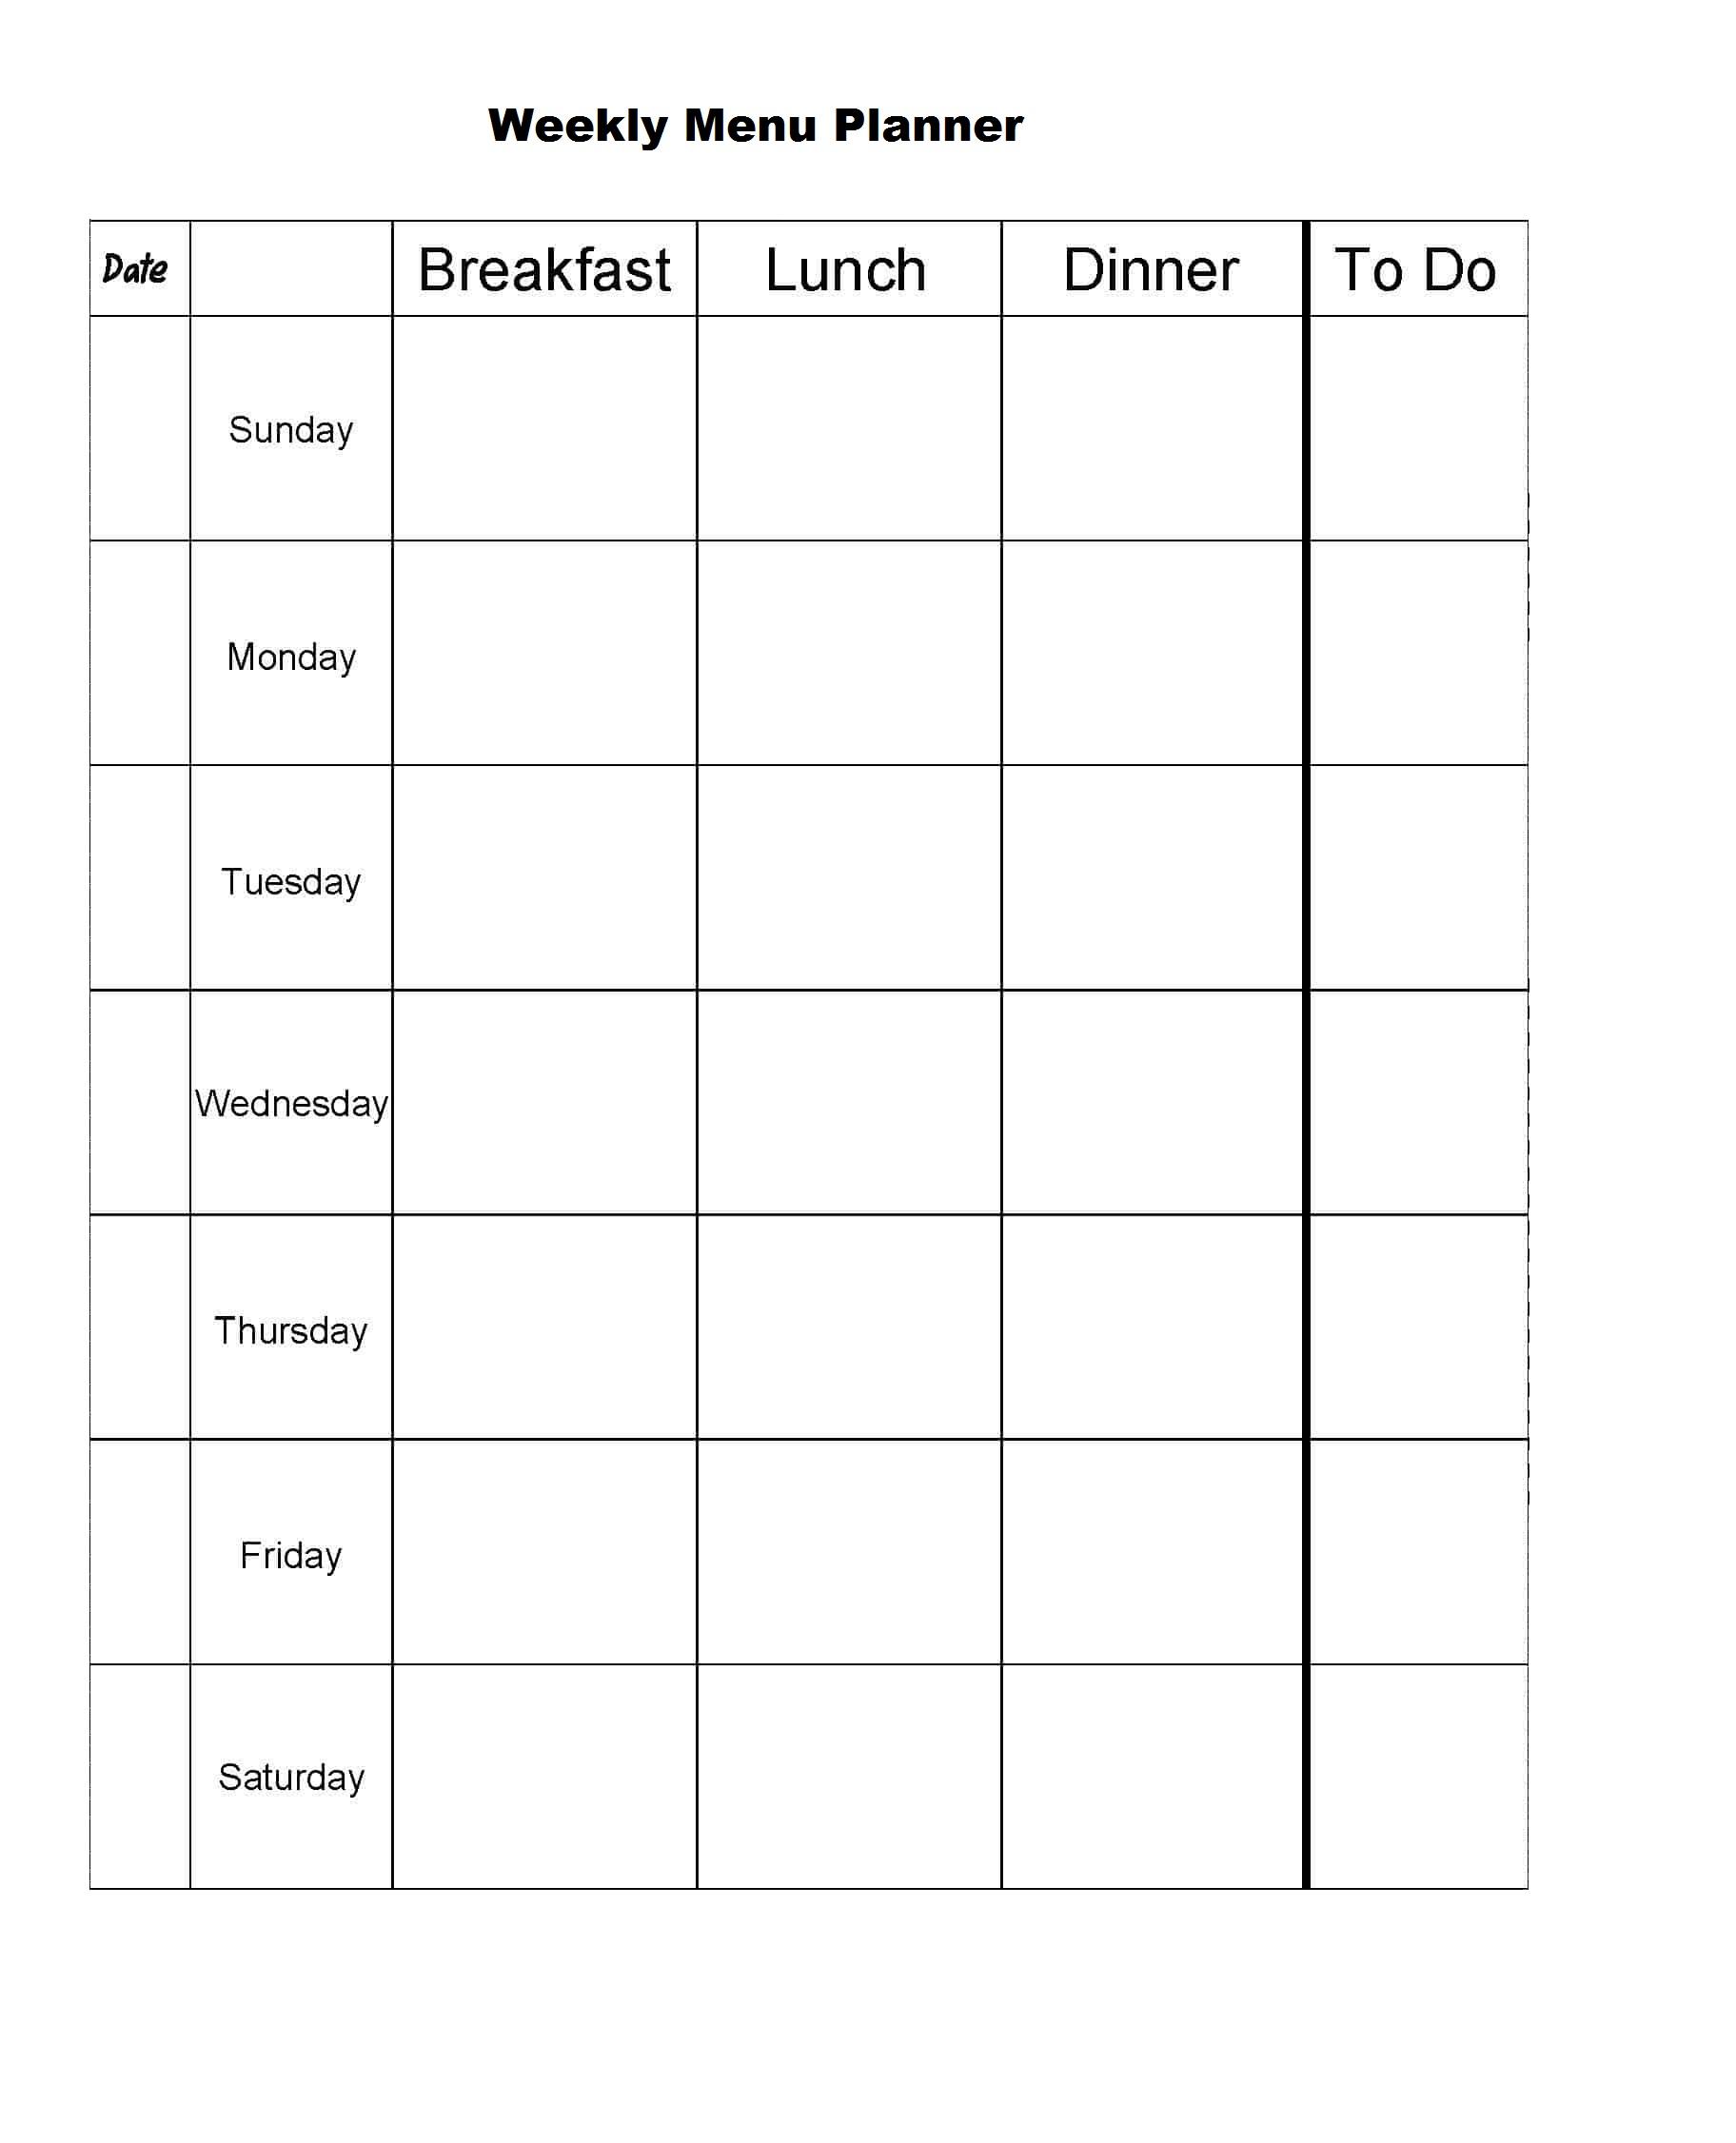 Weekly Menu Planner Templates